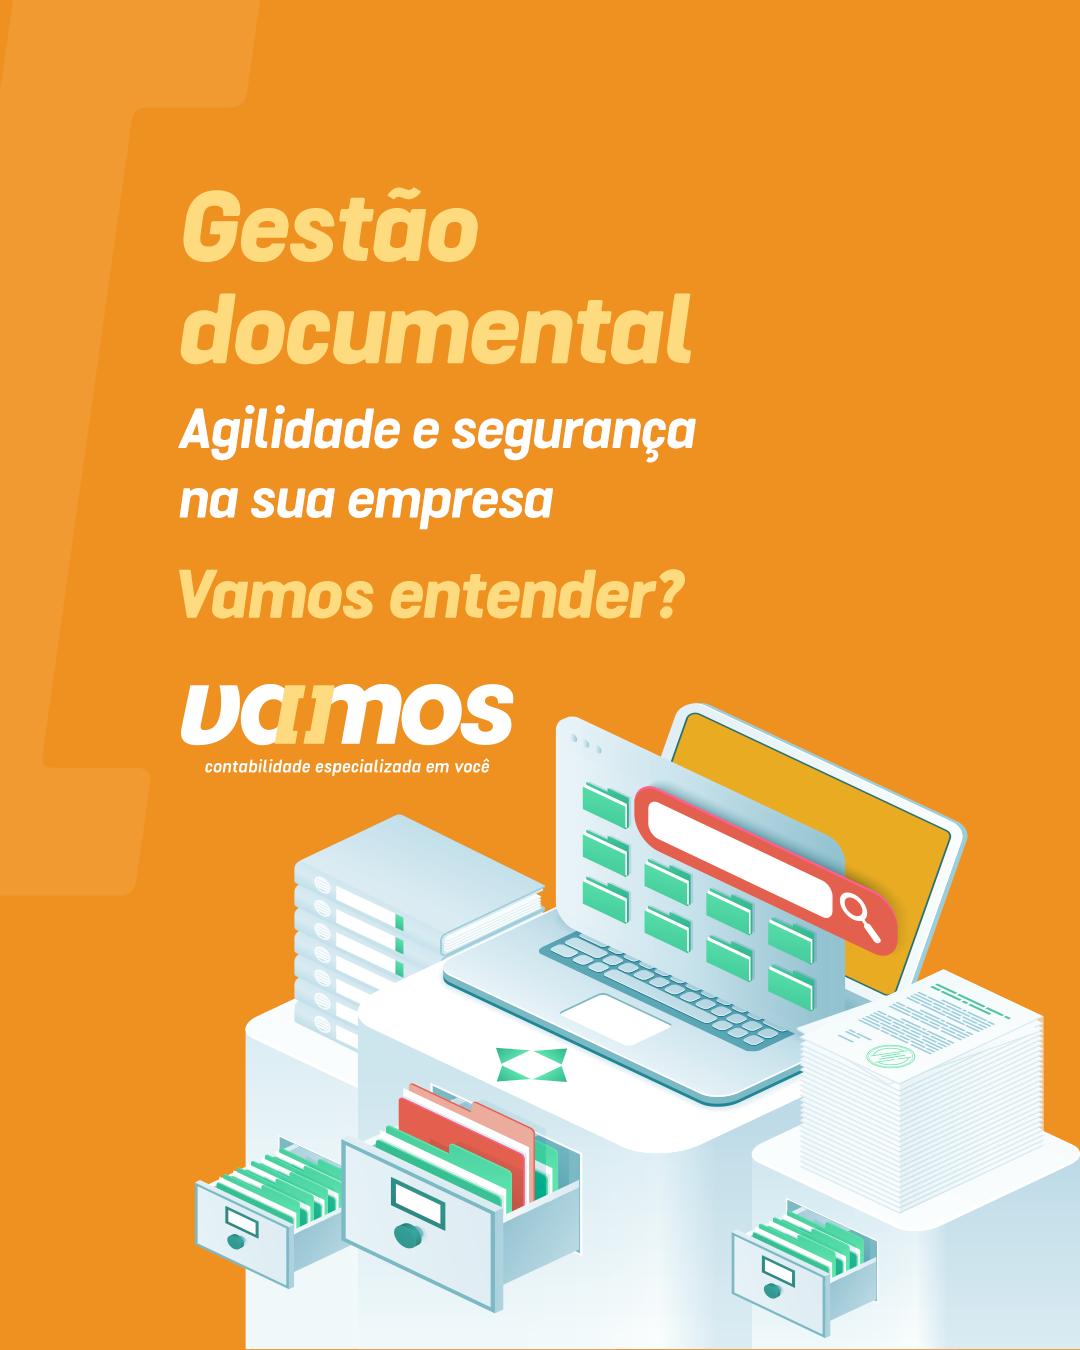 A gestão documental é o processo da produção e armazenamento de todo e qualquer documento ligado a uma empresa. Ela garante a organização e segurança sobre os documentos no ramo empresarial.